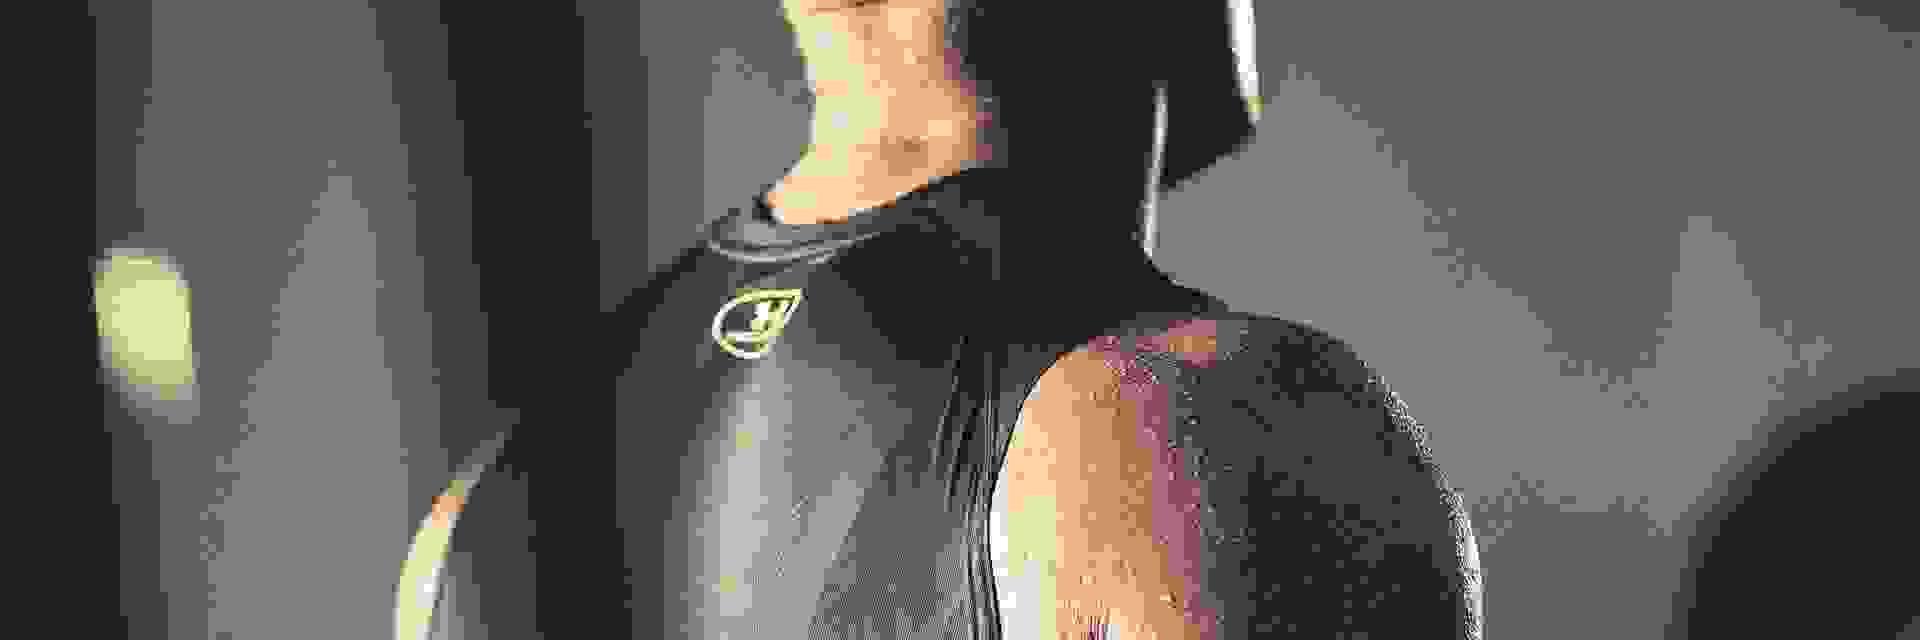 Under Armour Technologien Shirt getragen von Dwayne The Rock Johnson.